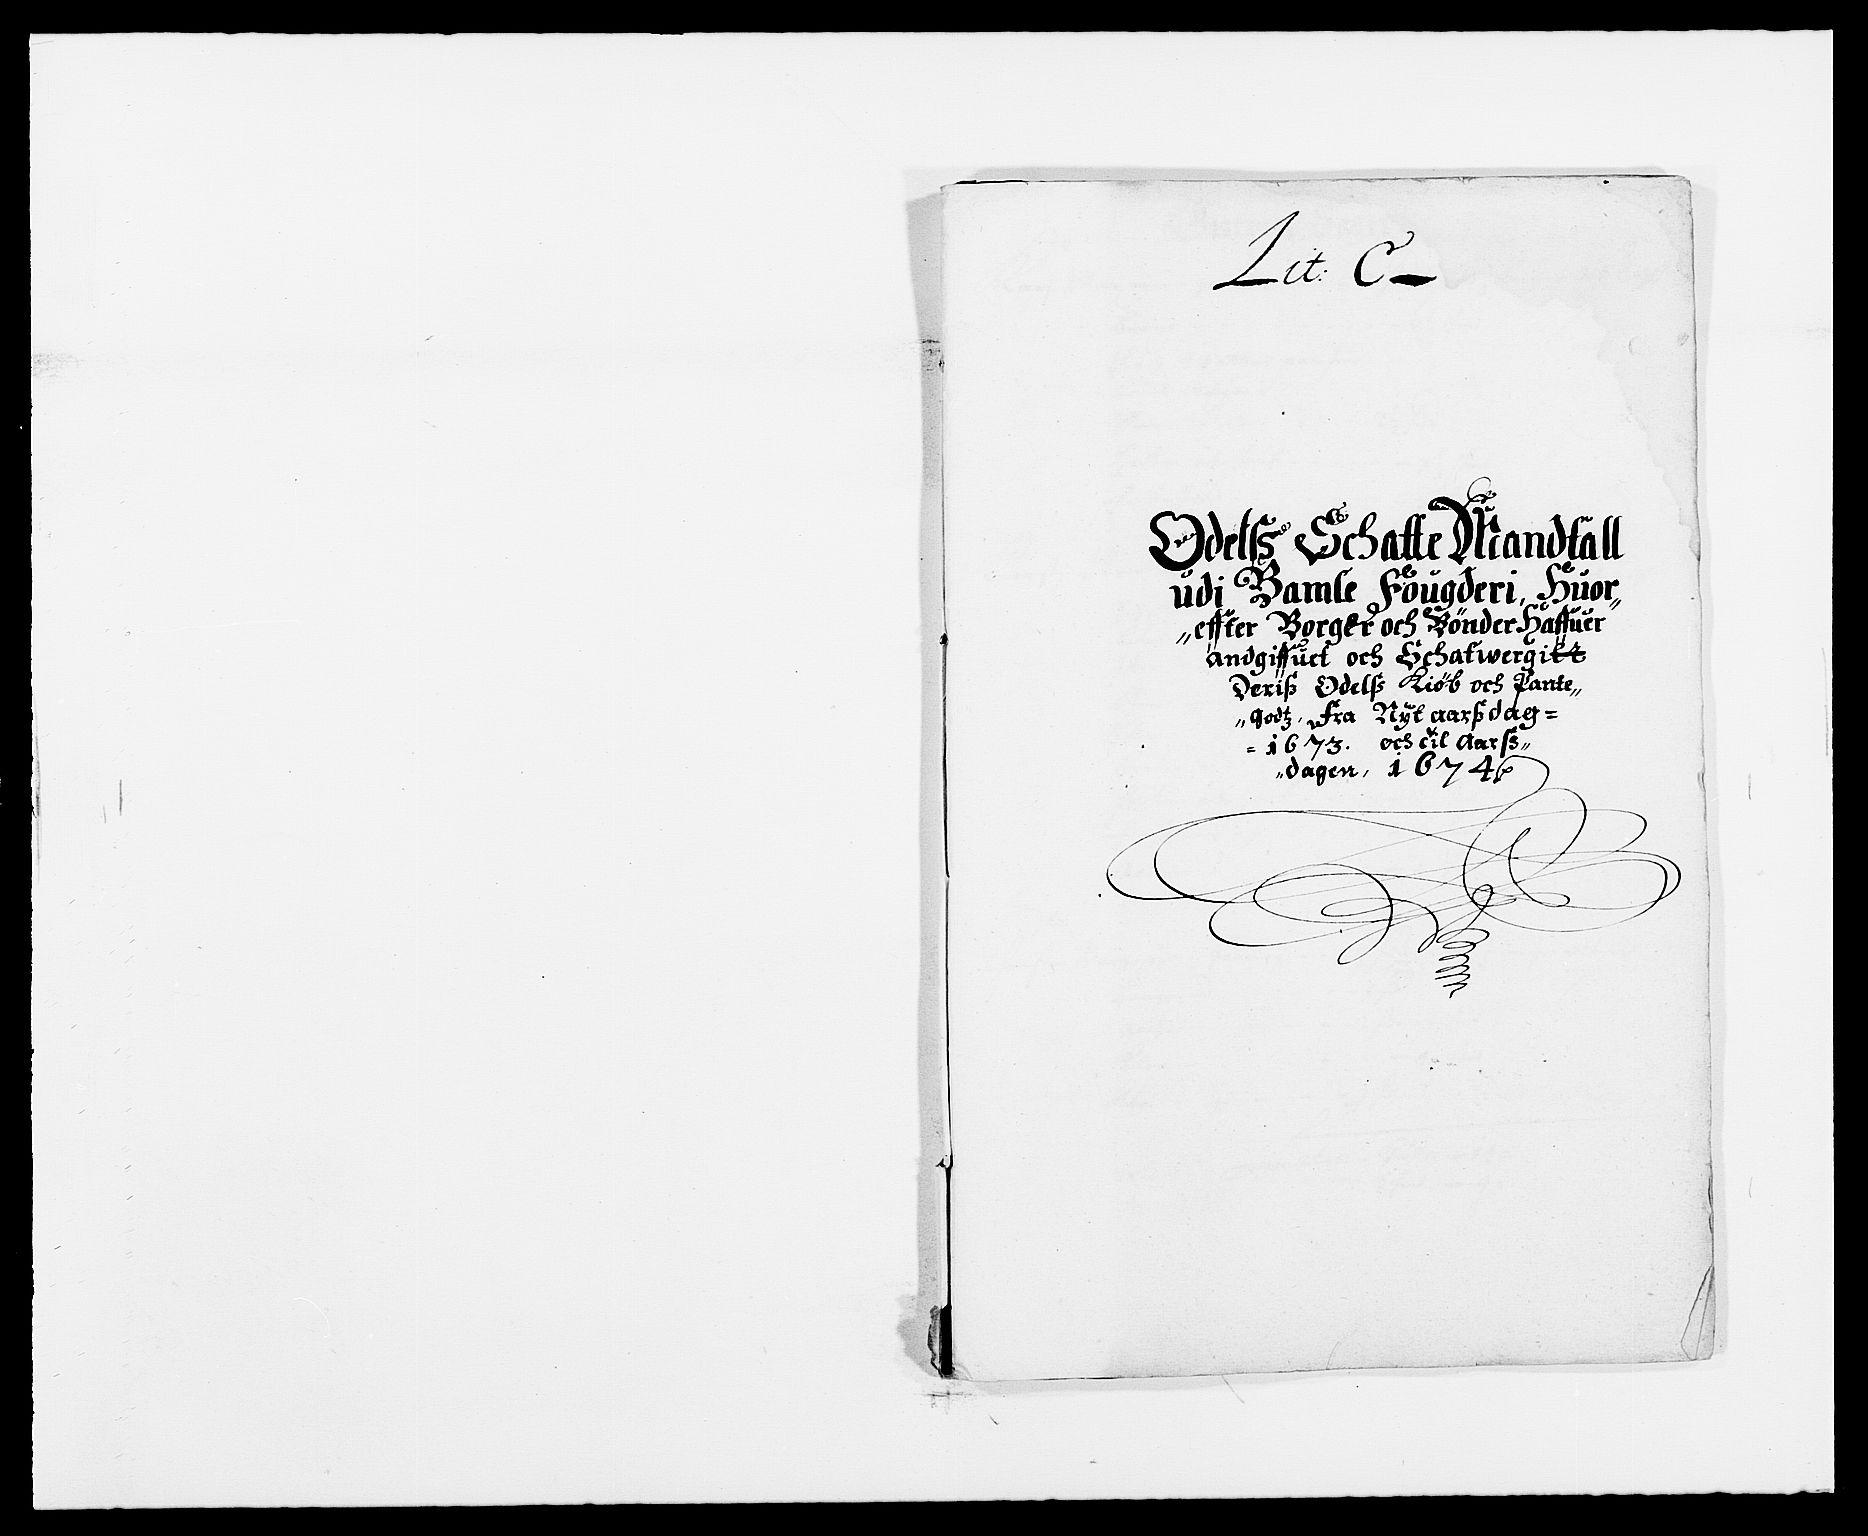 RA, Rentekammeret inntil 1814, Reviderte regnskaper, Fogderegnskap, R34/L2042: Fogderegnskap Bamble, 1673-1675, s. 51